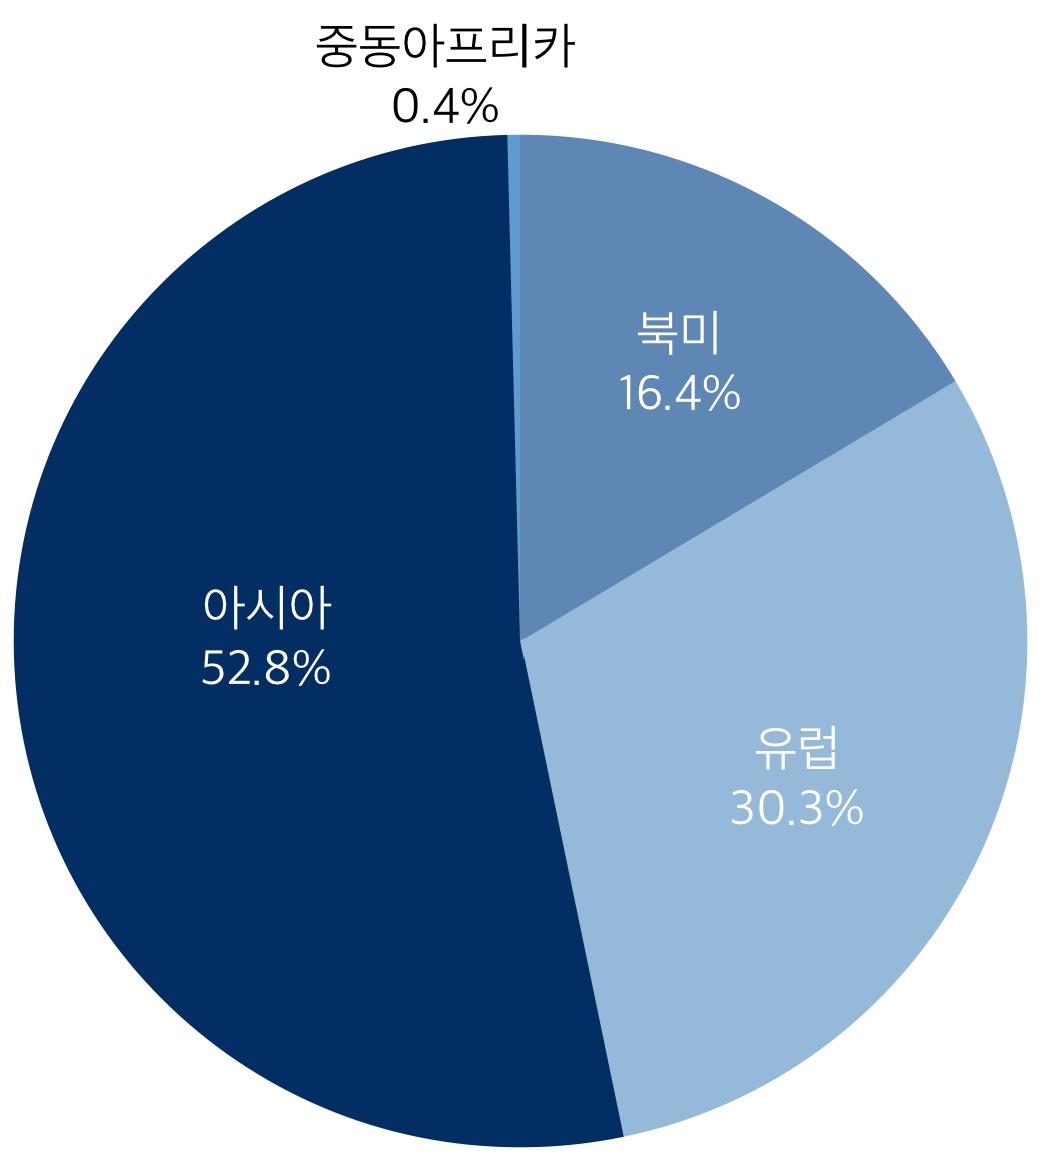 2015년 글로벌 만화시장 권역별 점유율